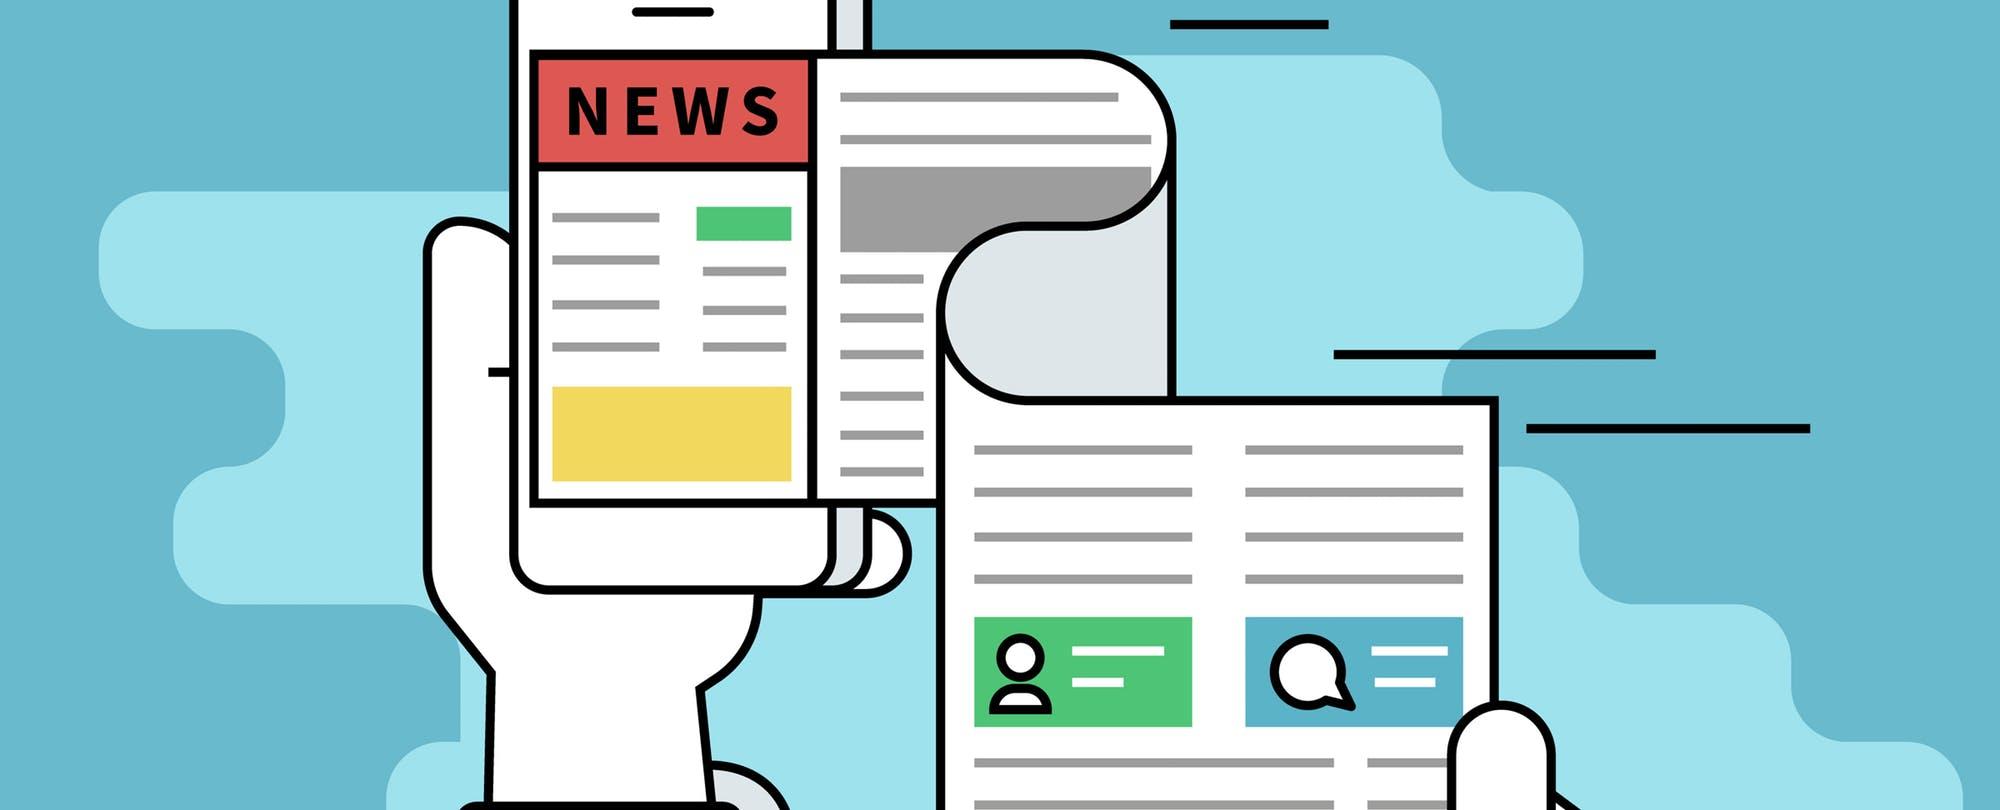 Com base em um apurado estudo do, realizado por Claire Wardle e Hossein Derakhshan do Conselho da Europa, classificou as fake news em três categorias dentro de uma desordem informacional a qual vivemos. E sã elas: